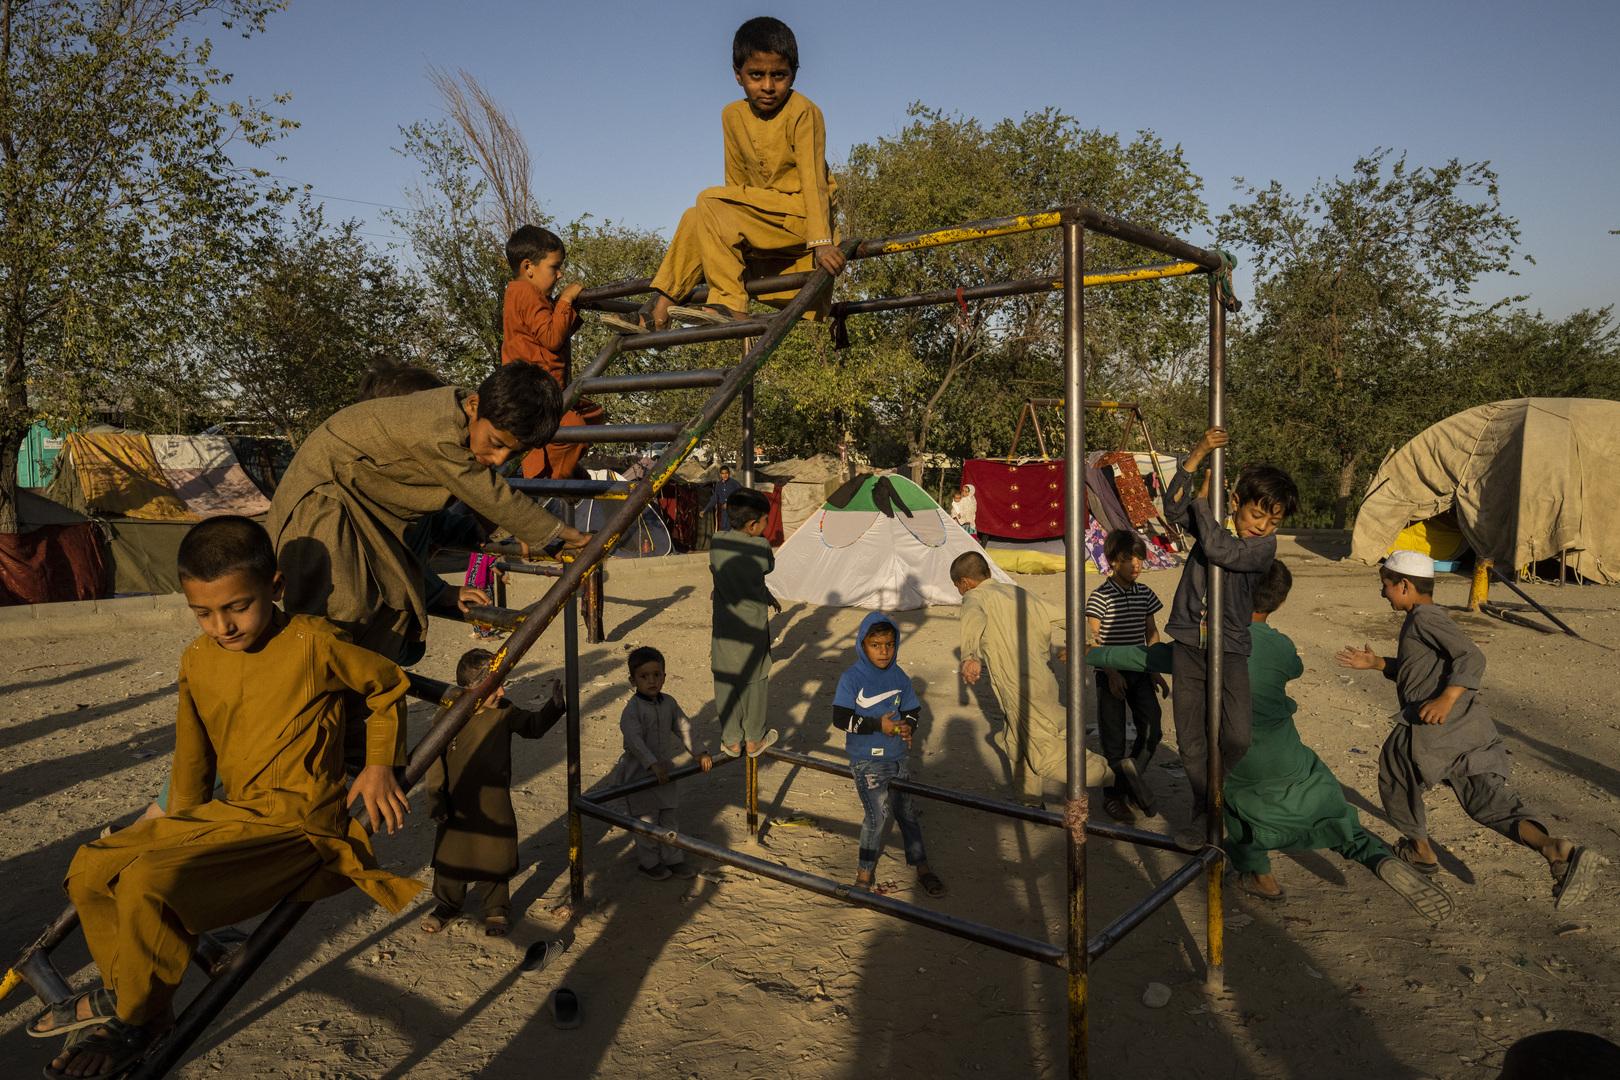 اليونيسيف: أكثر من 4.2 مليون طفل أفغاني ليسوا مسجلين في المدارس